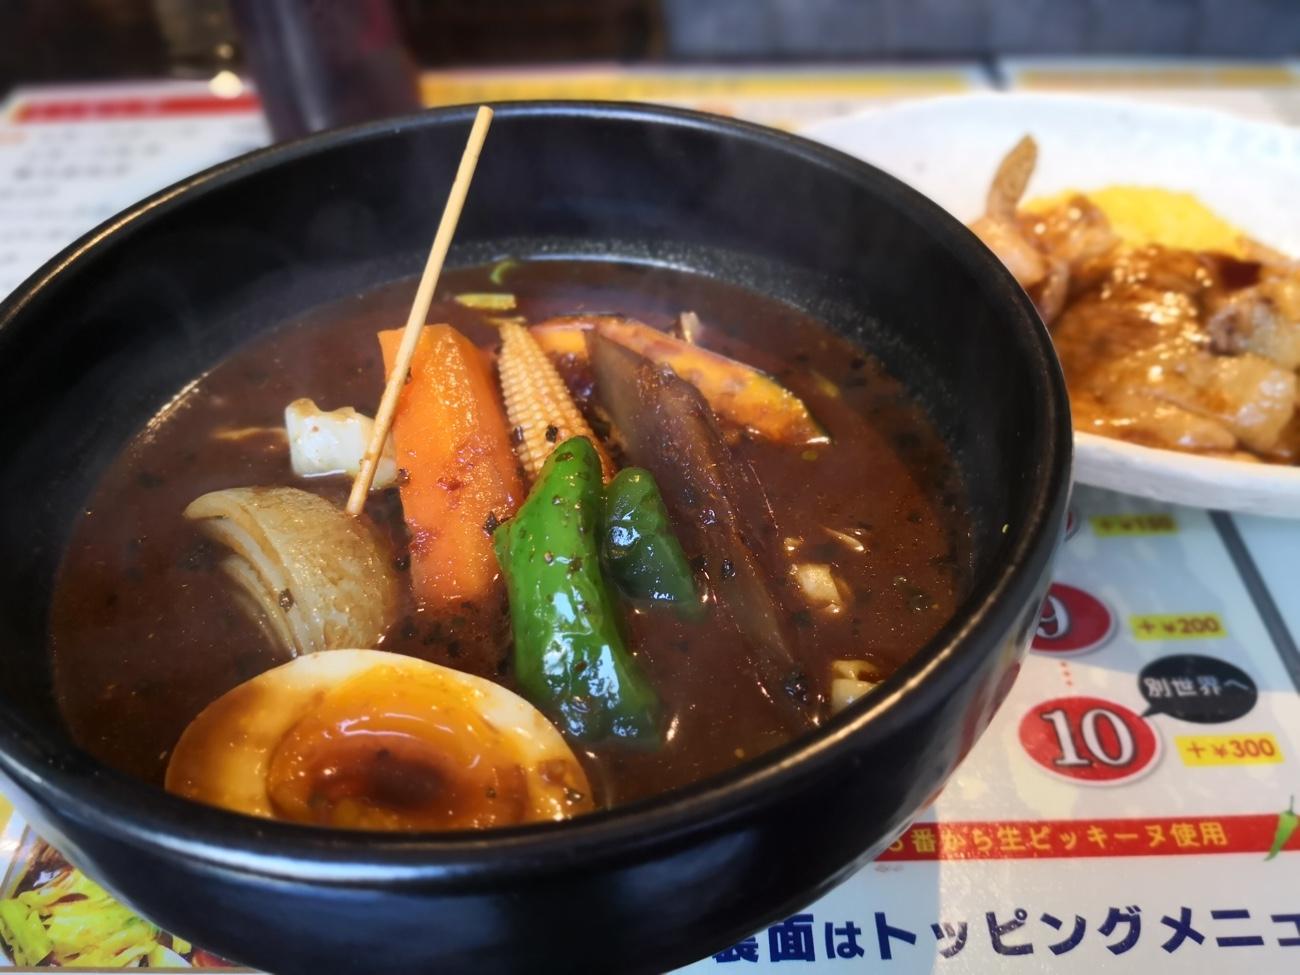 札幌スープカレーおすすめドミニカの器